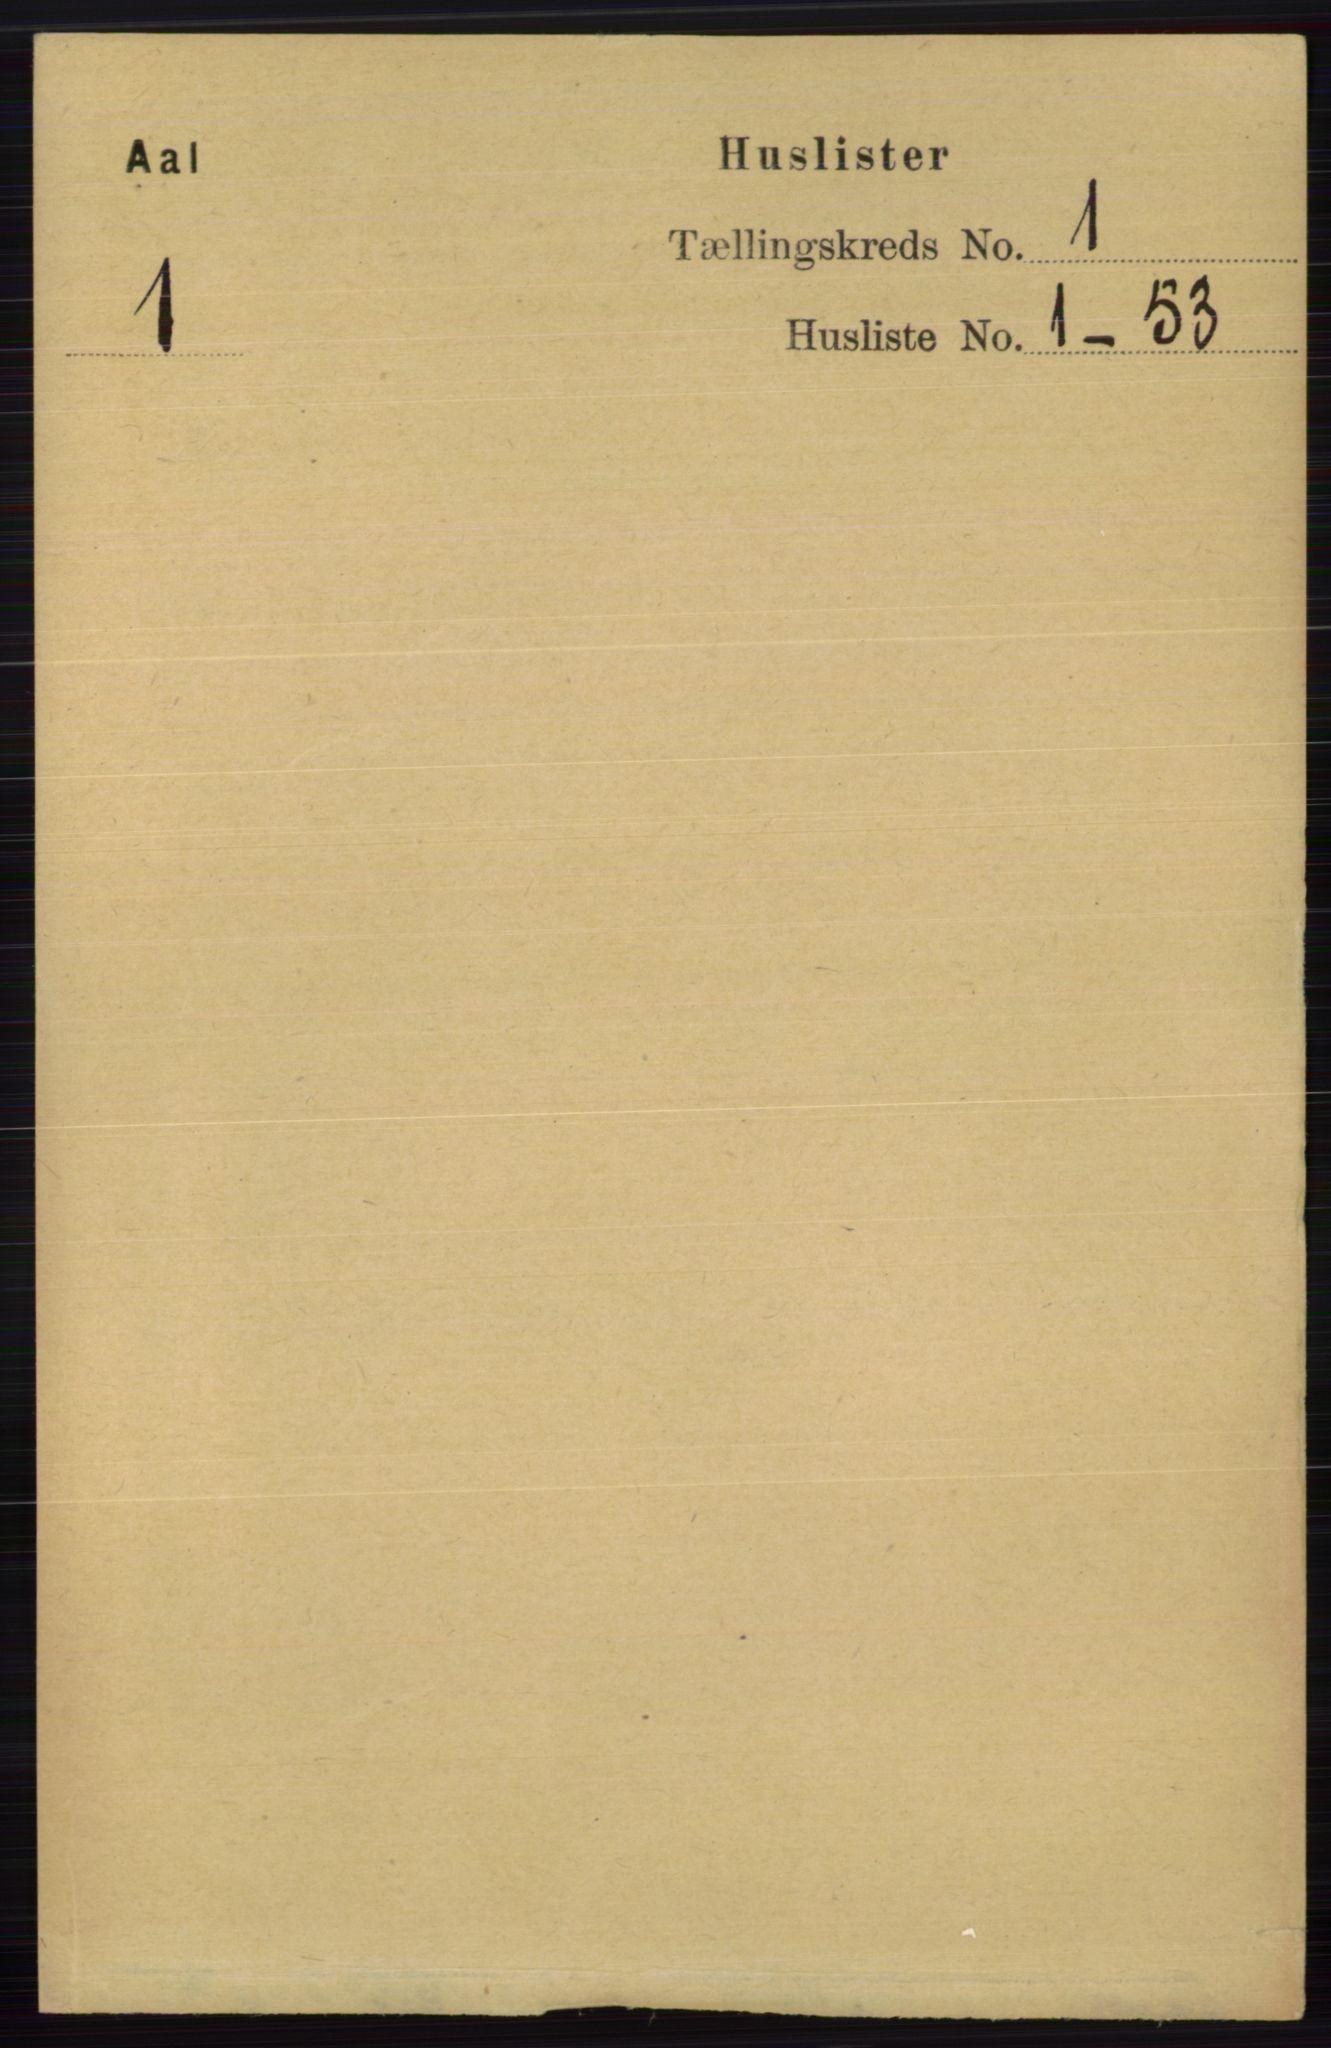 RA, Folketelling 1891 for 0619 Ål herred, 1891, s. 39